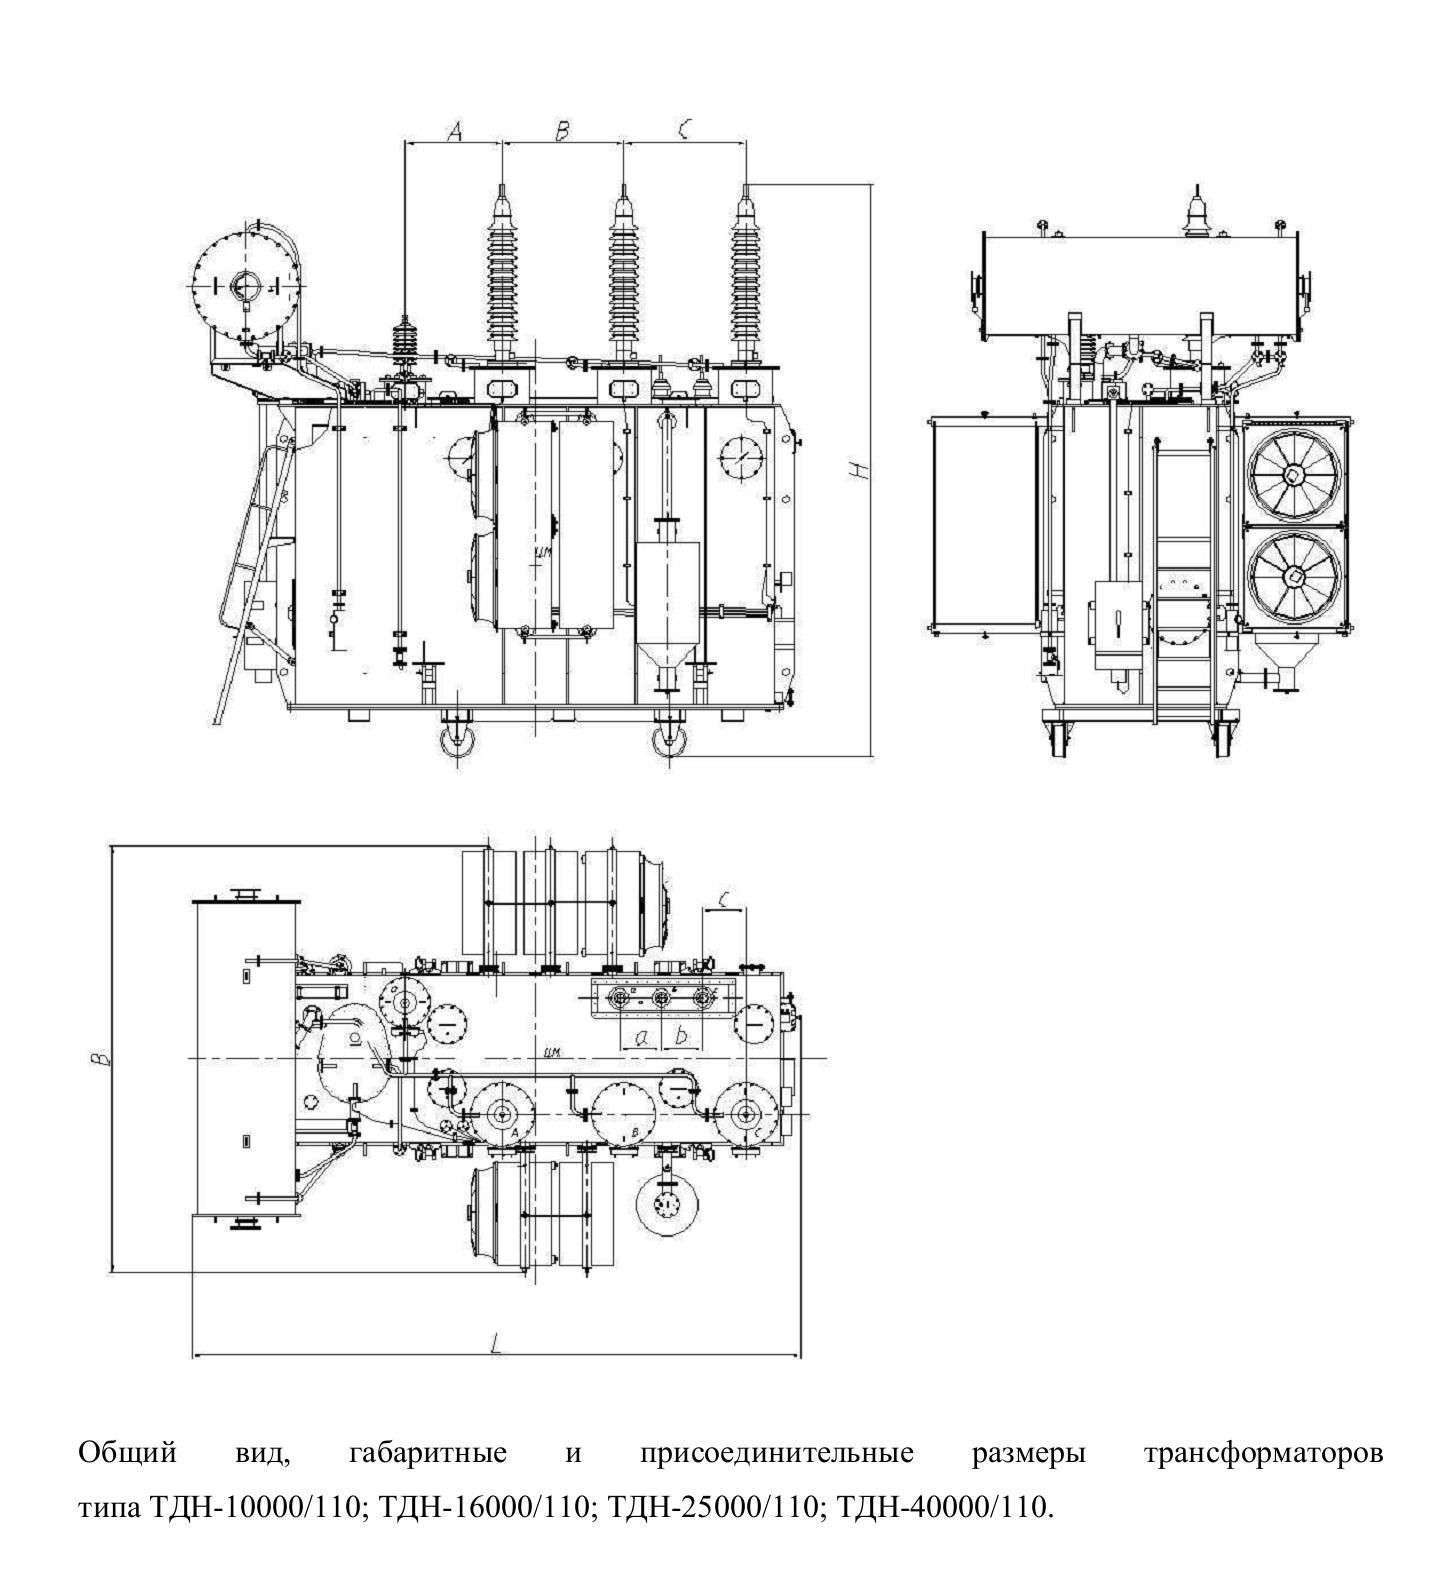 Трансформаторы трехфазные трехобмоточные масляные класса напряжения 110 кВ тип ТДН